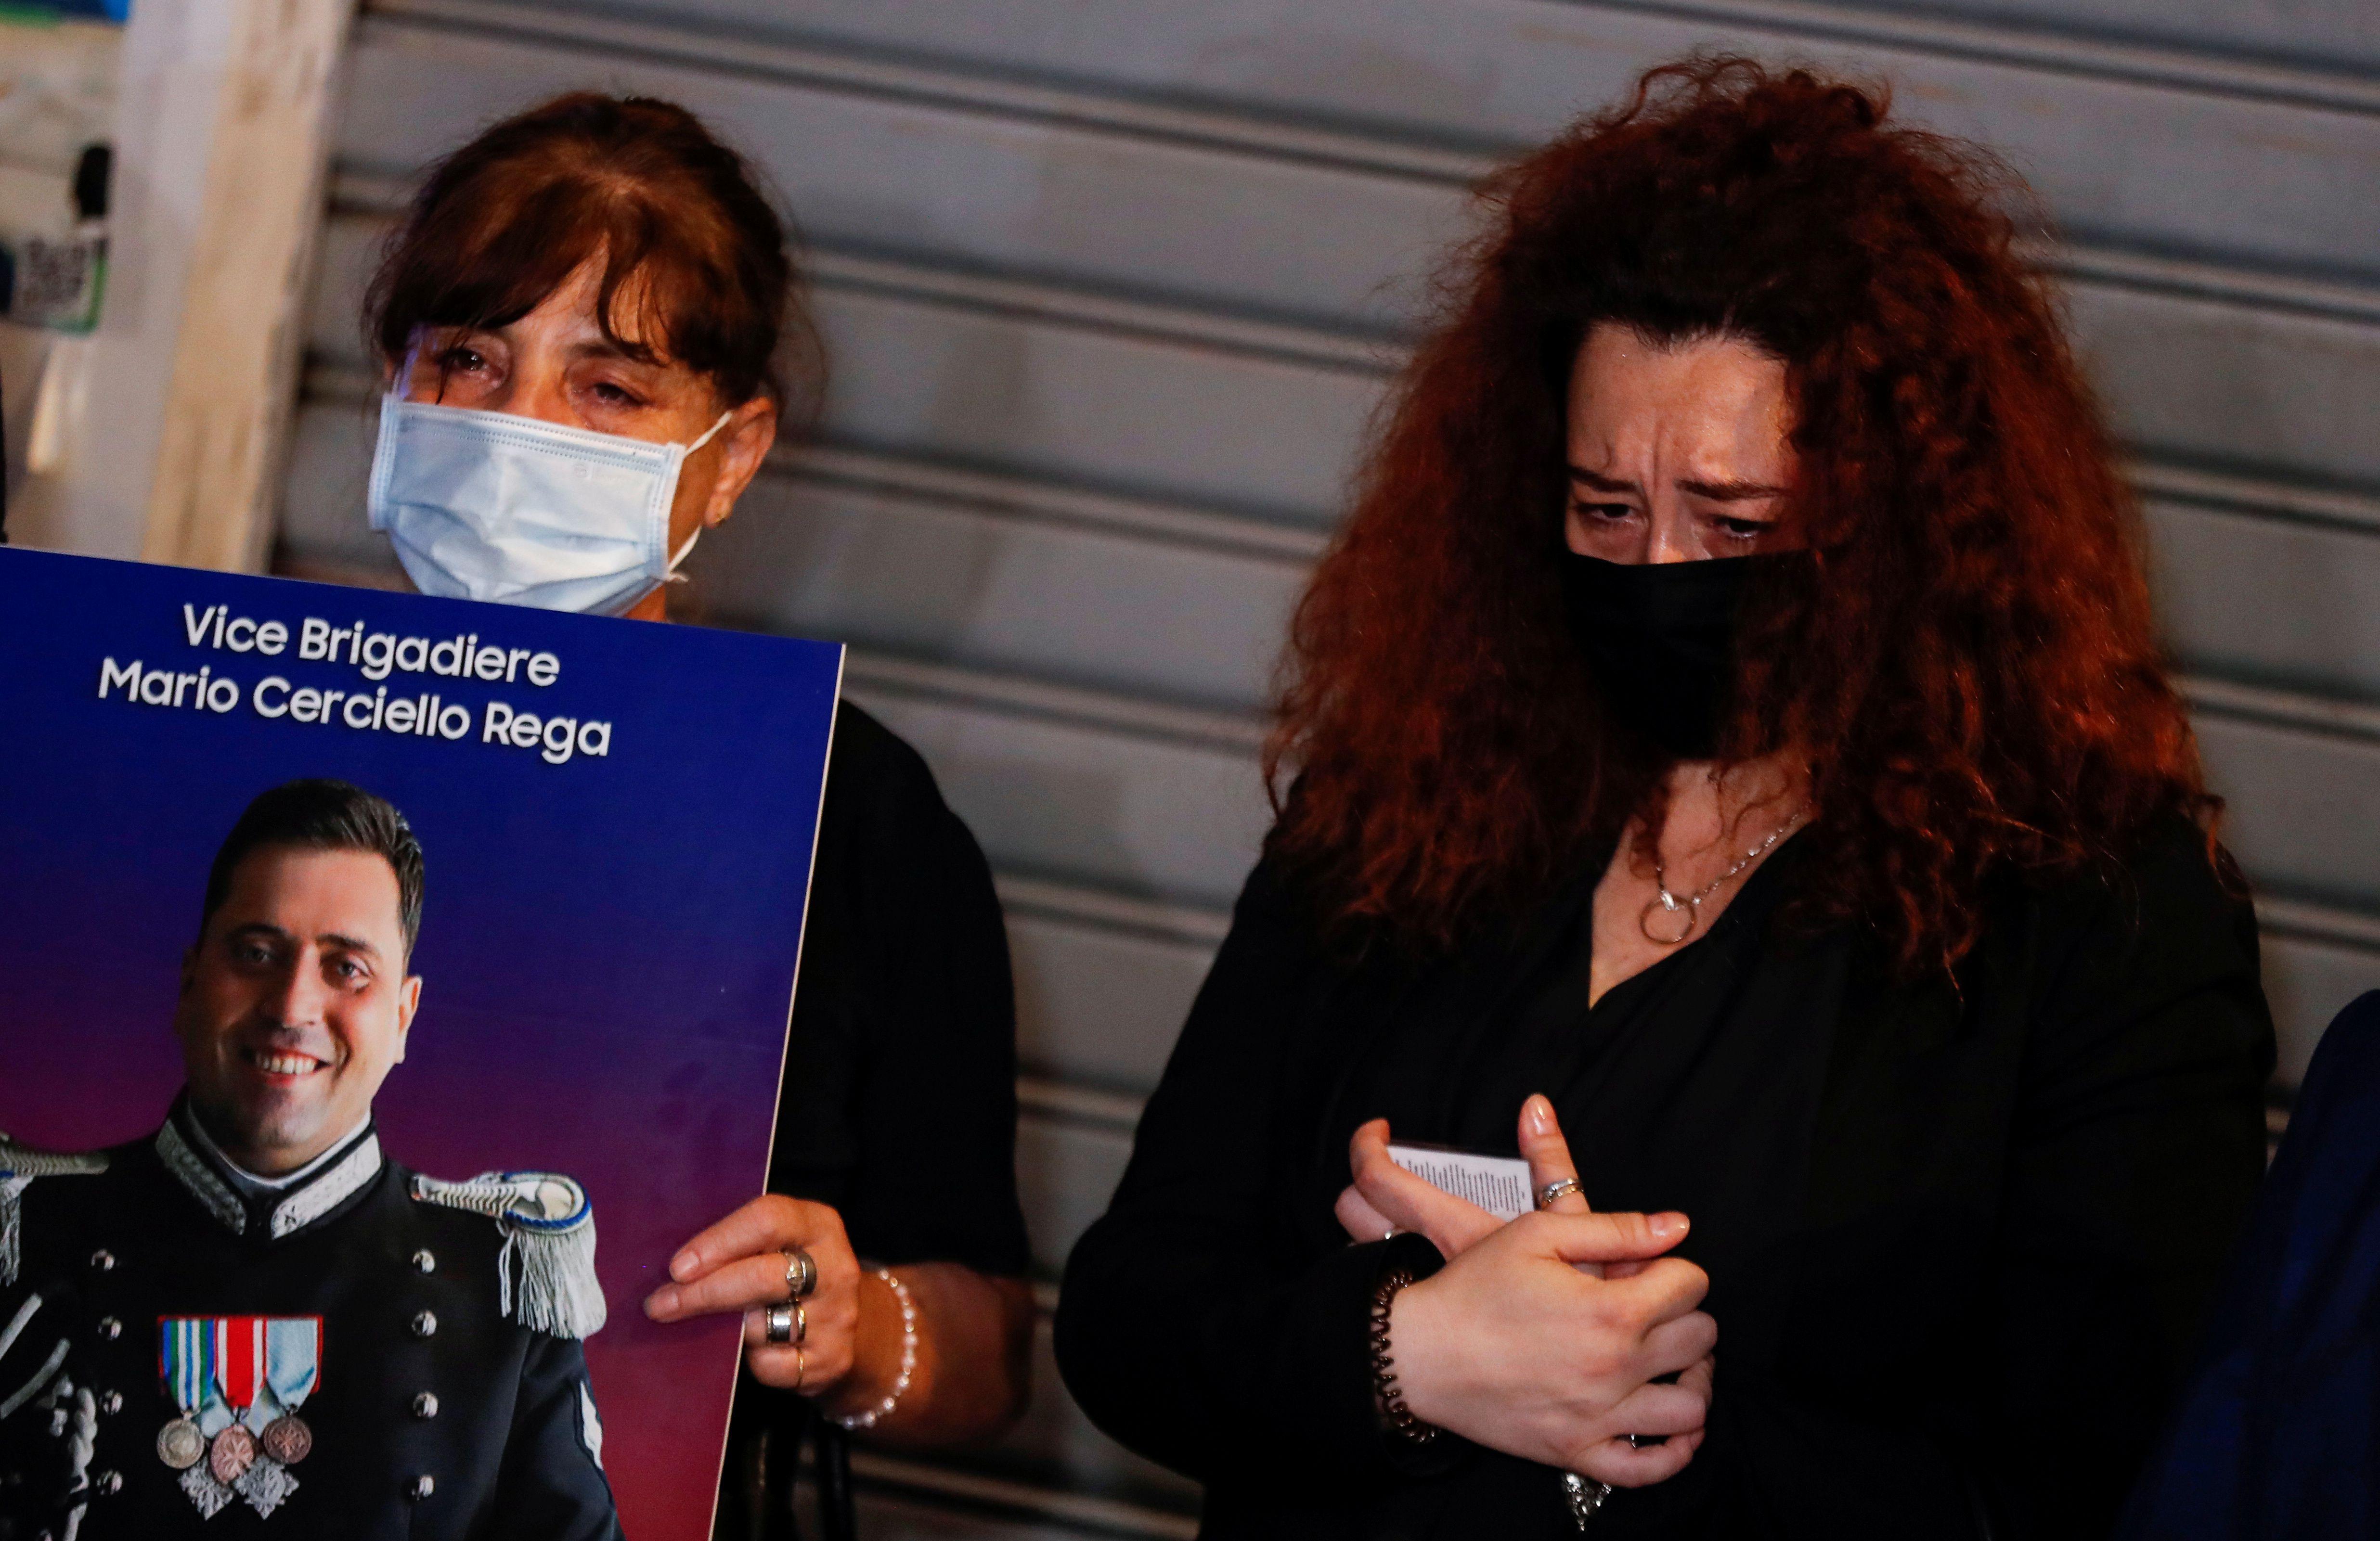 La viuda del policía asesinado Mario Cerciello Rega y su madre, en la conmemoración de su muerte